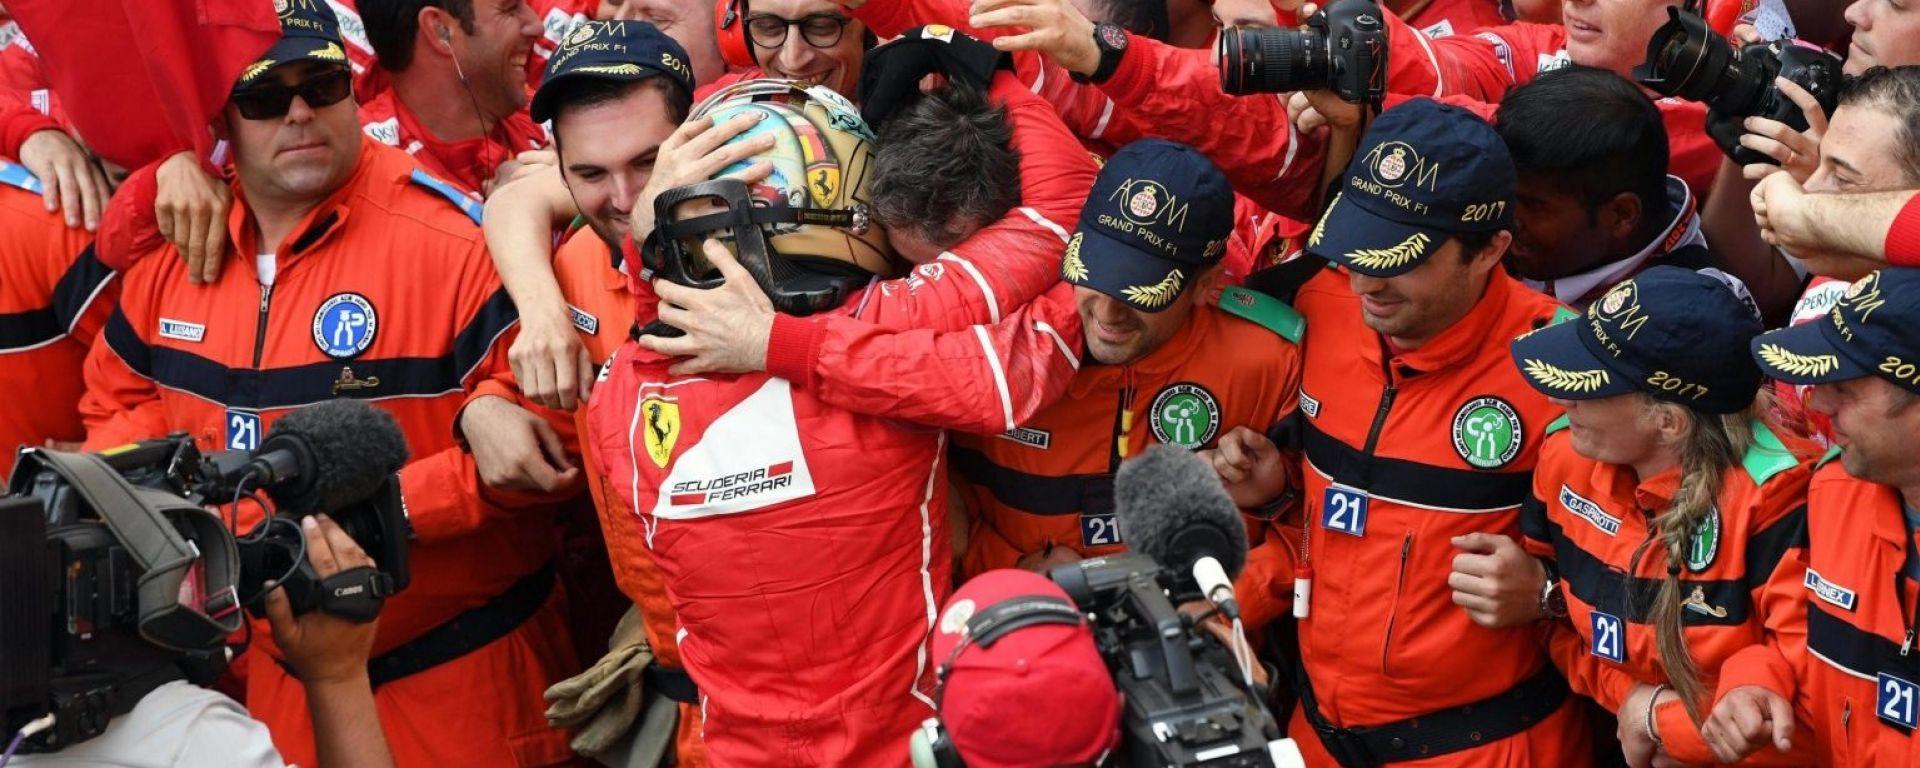 F1 2017, Ferrari